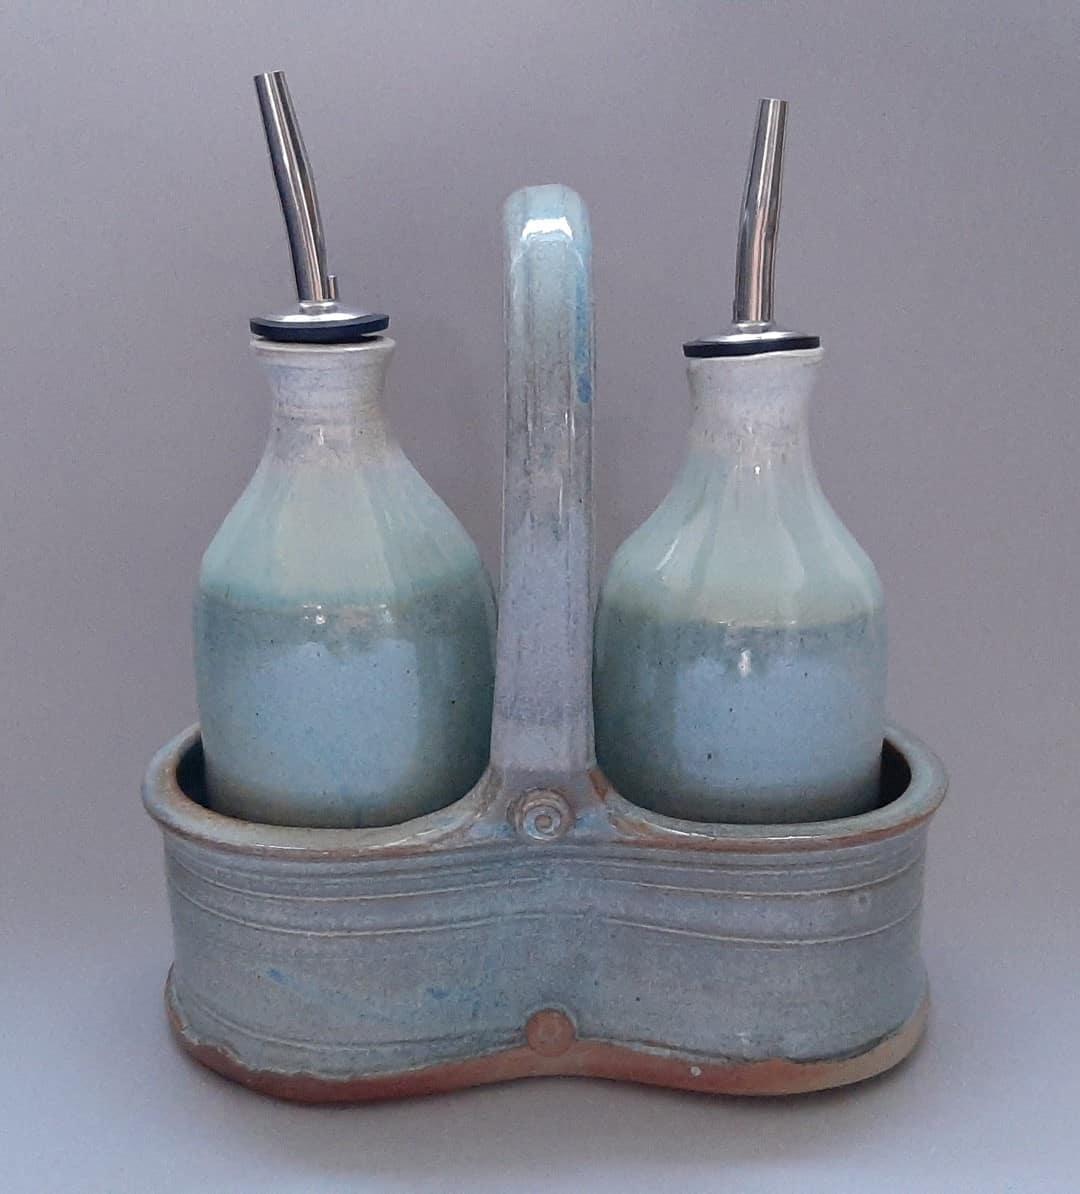 Oil Vinegar mint